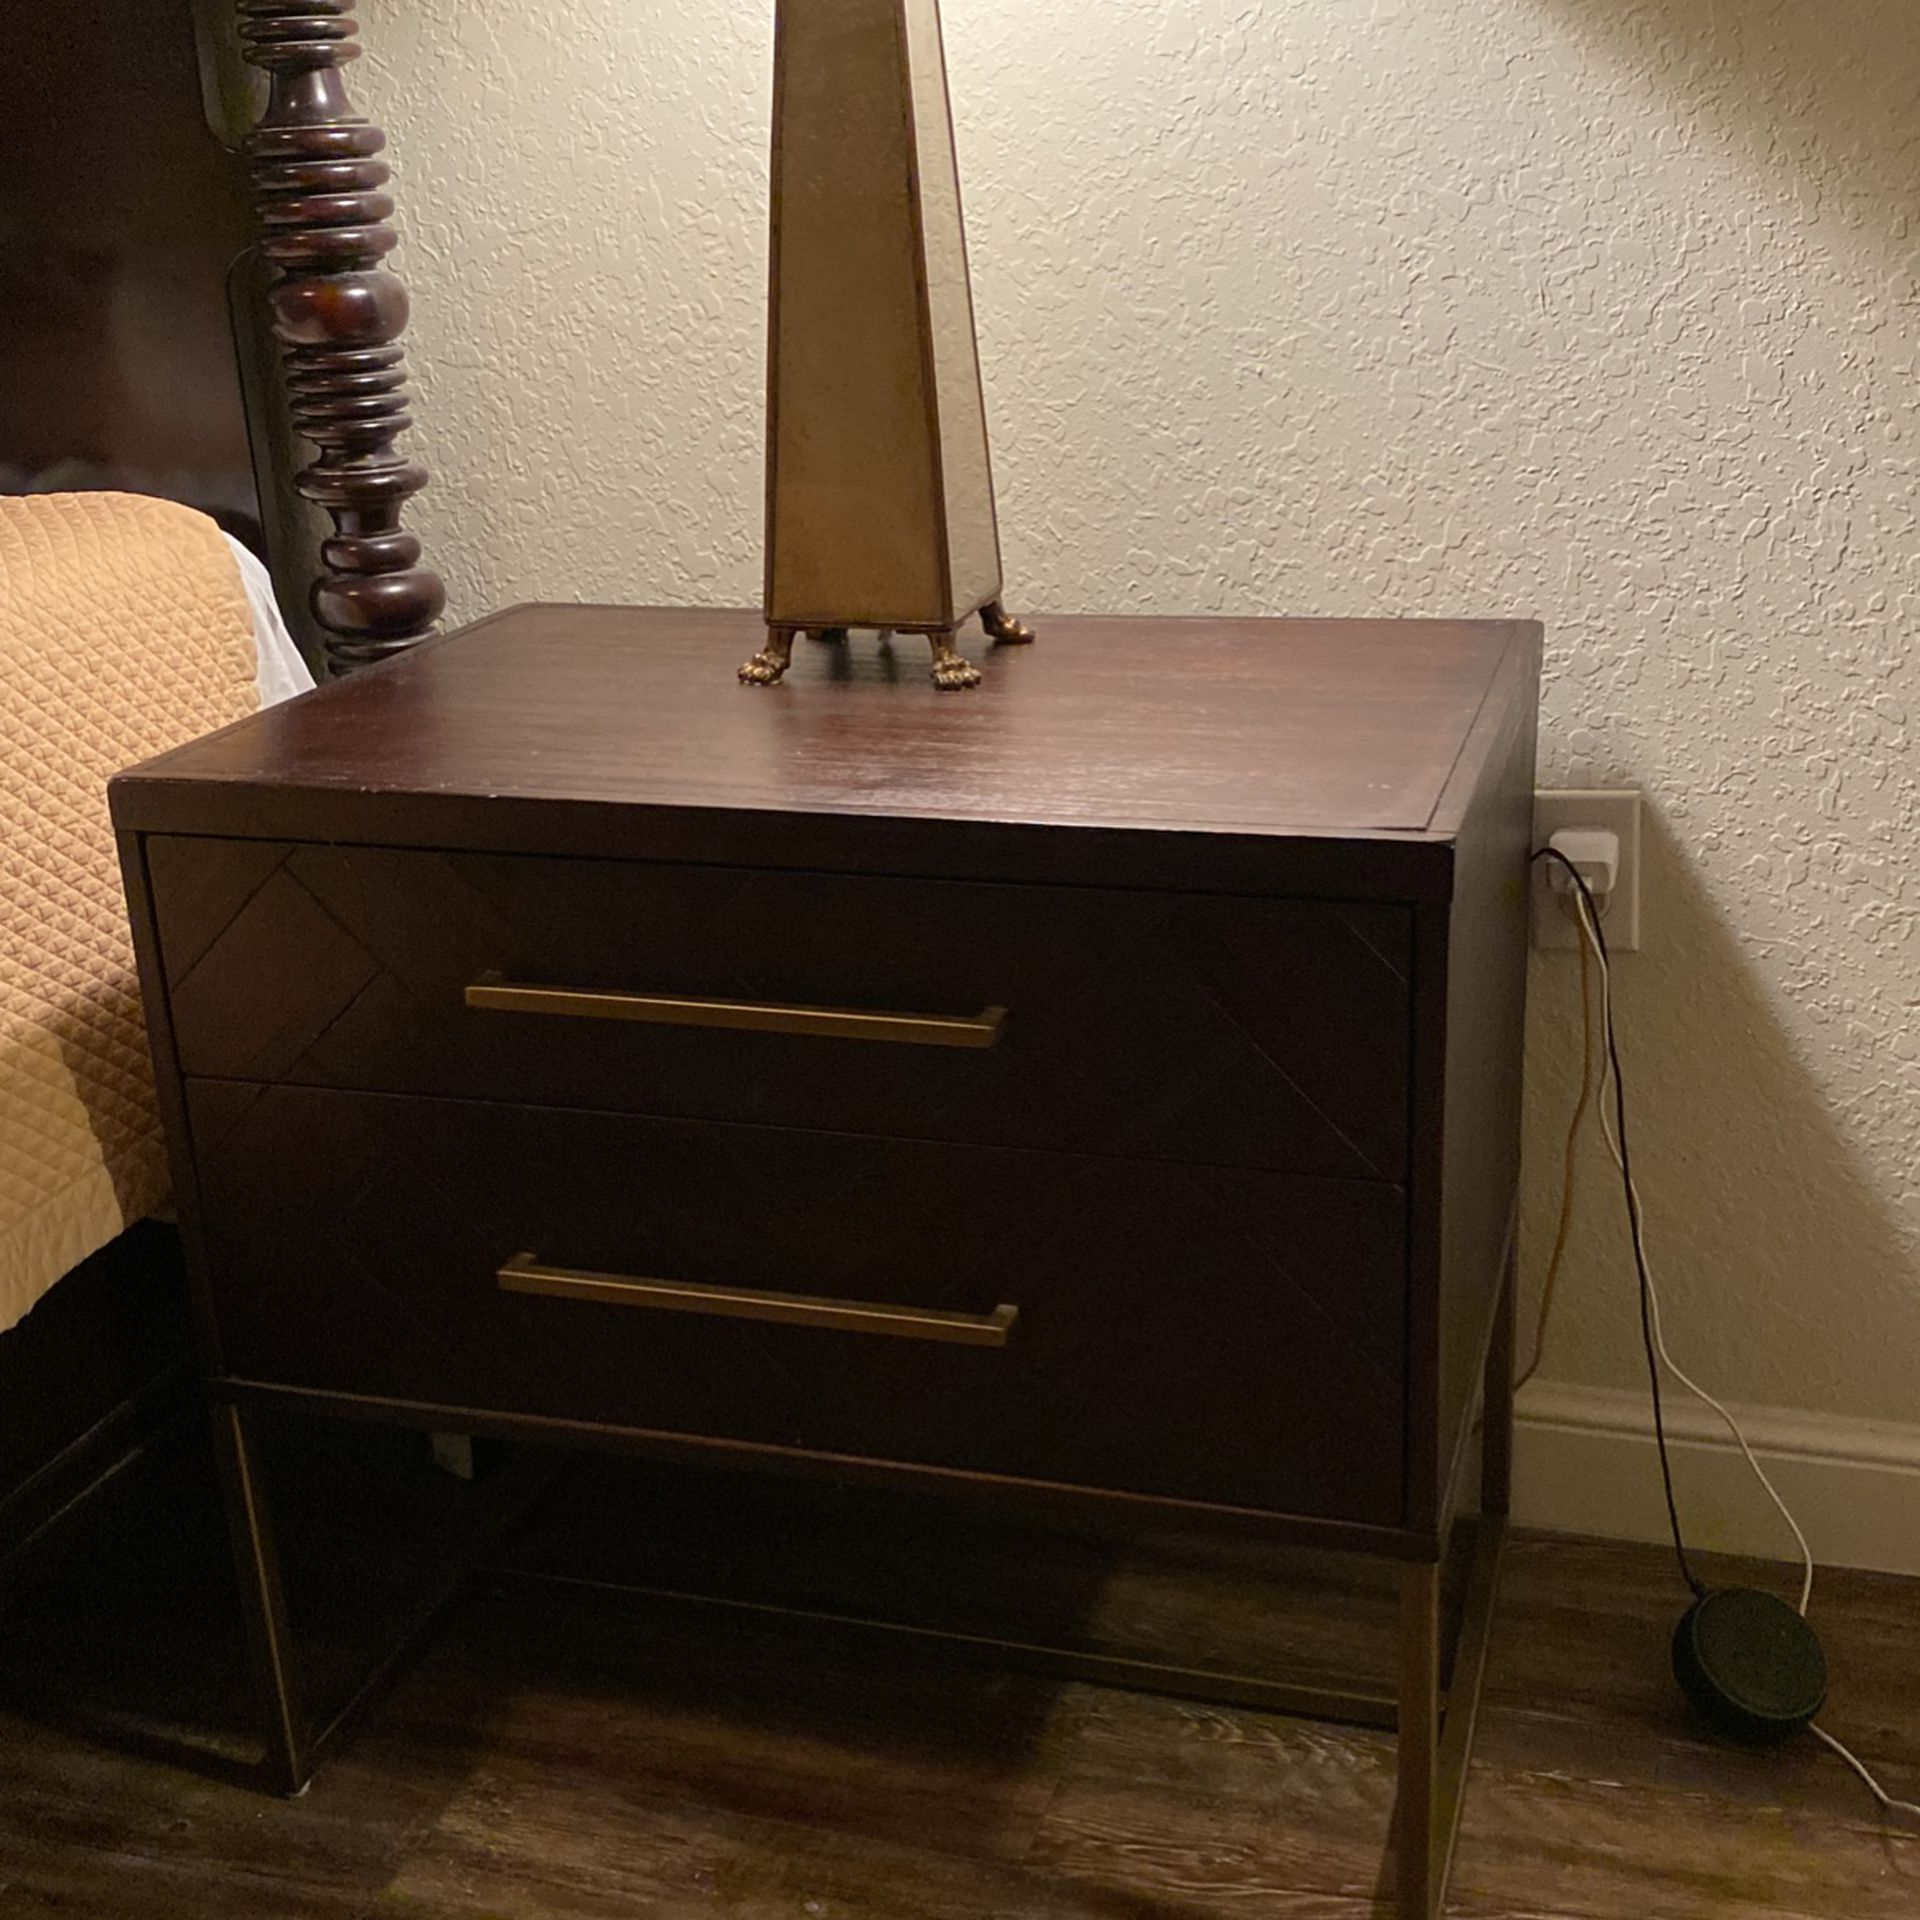 2 Bedside End Tables